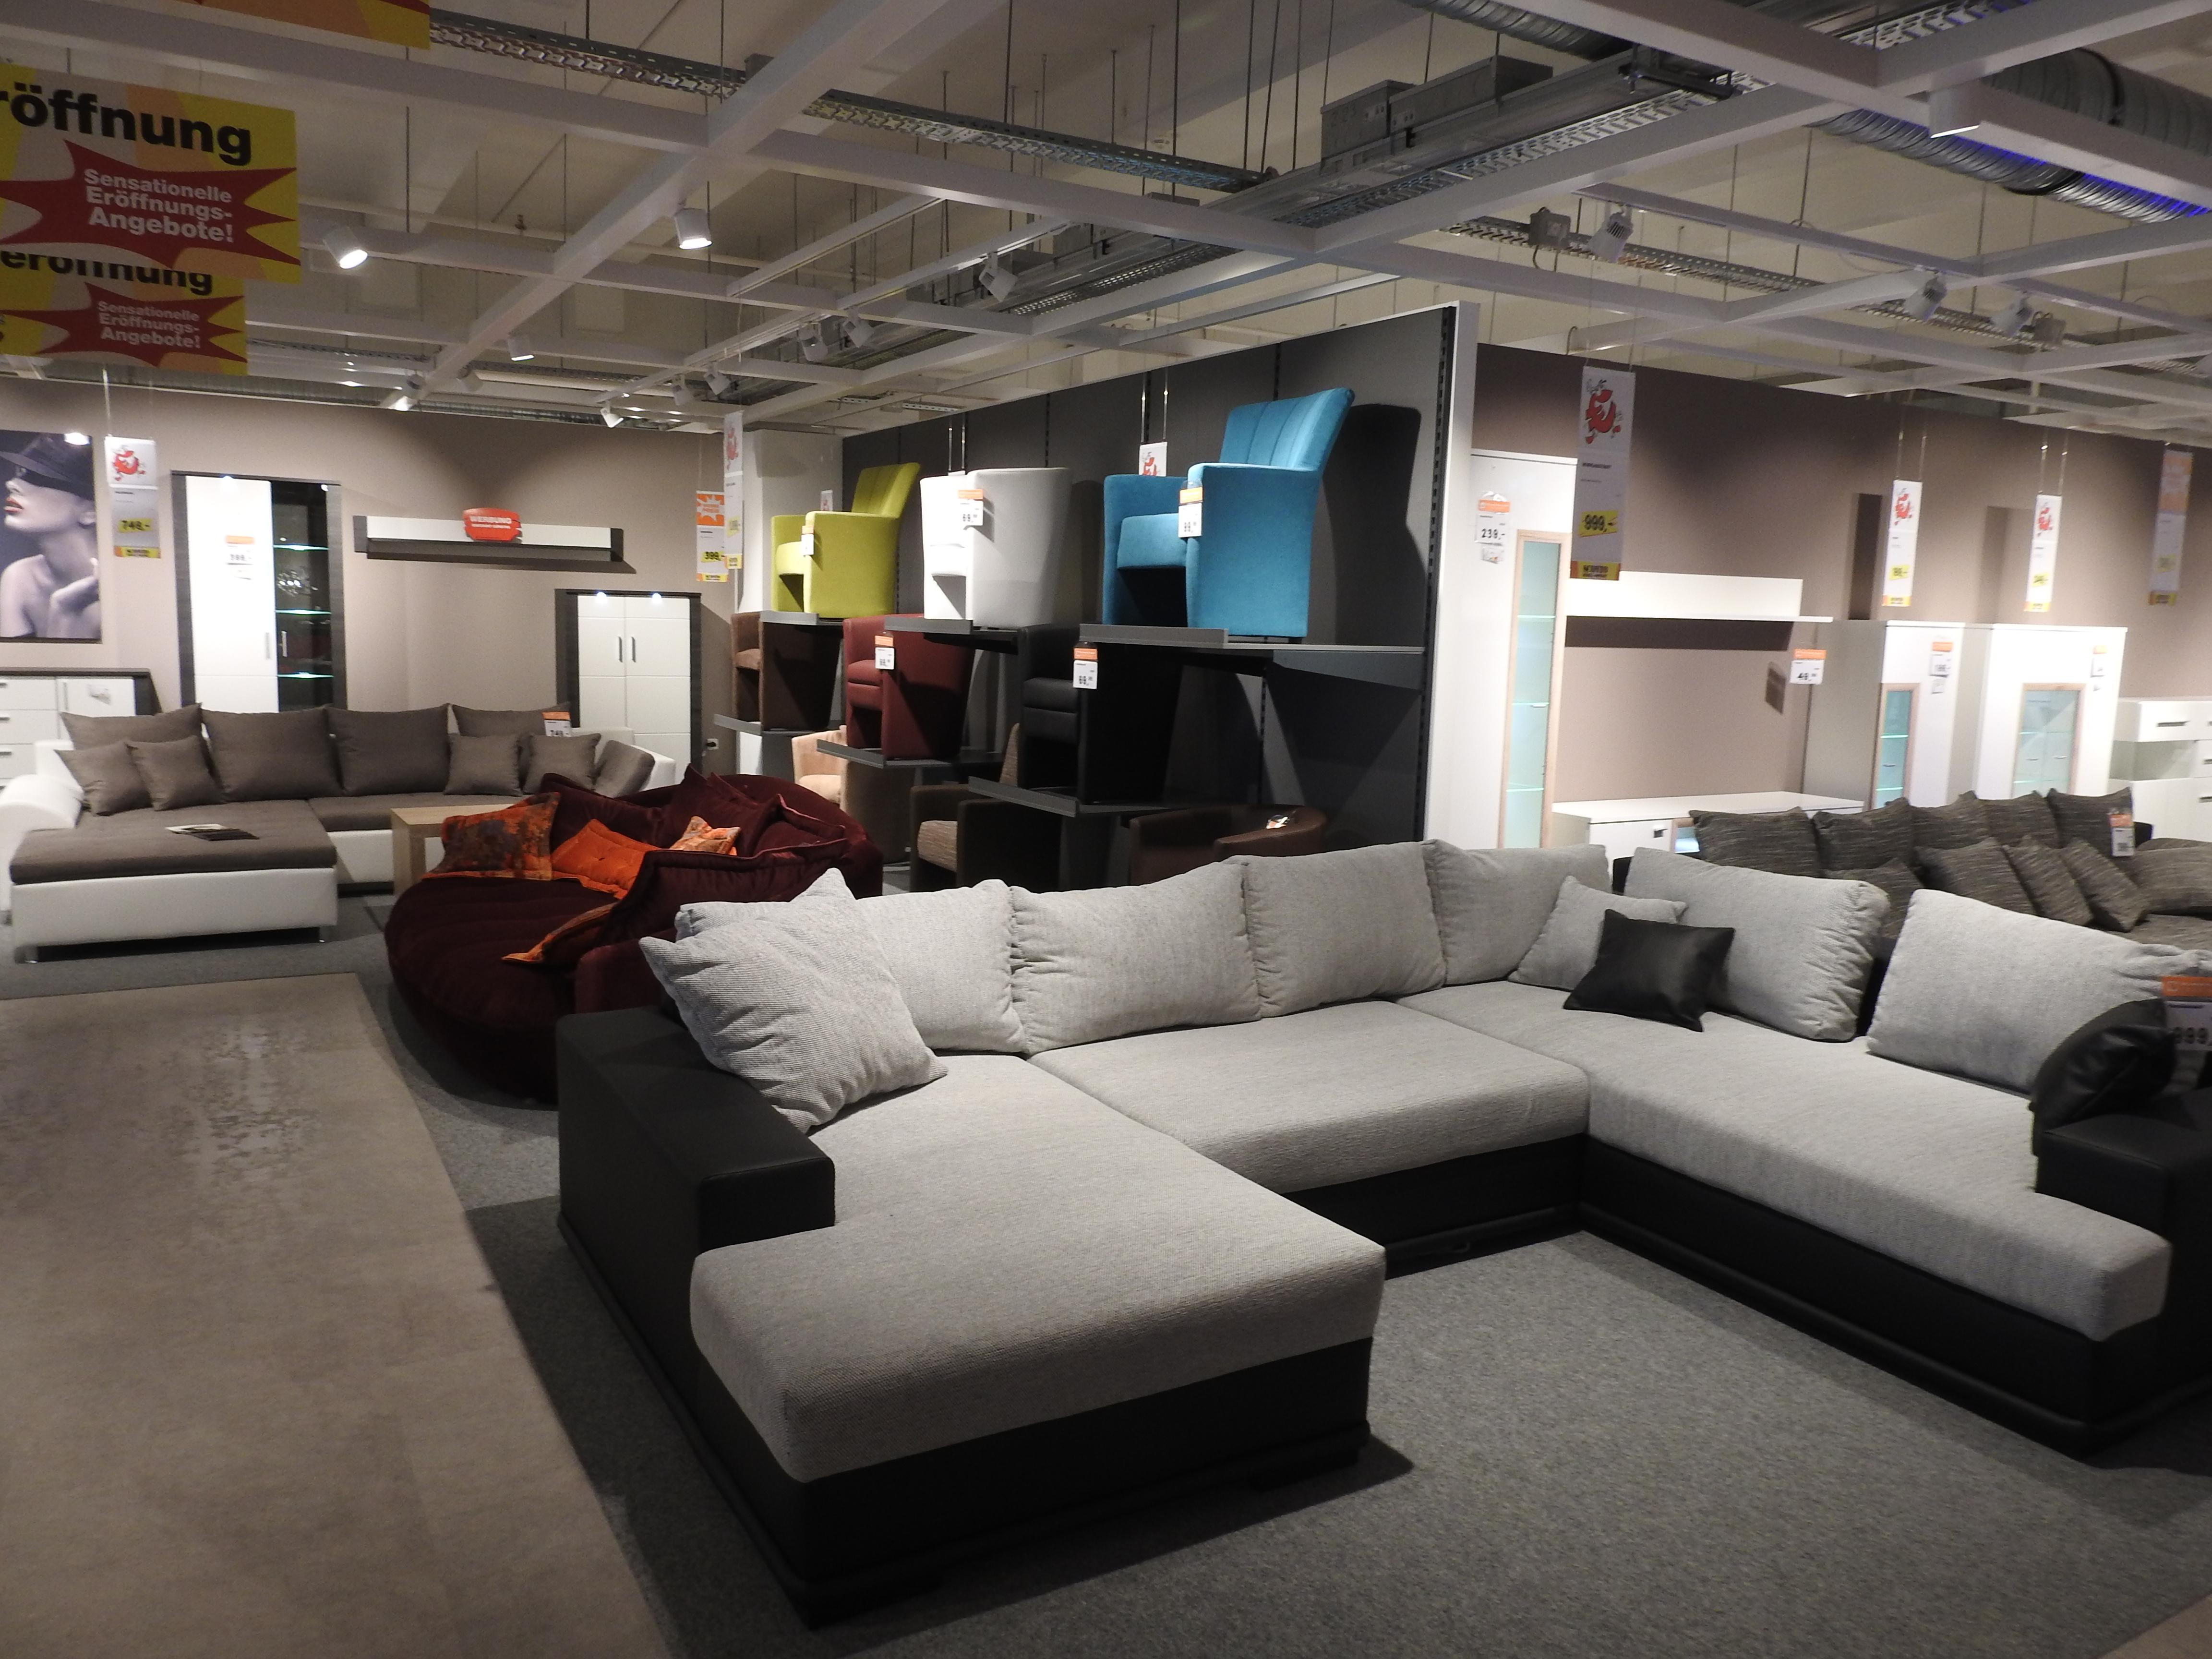 sconto sb der m belmarkt gmbh stralsund l ssow kontaktieren. Black Bedroom Furniture Sets. Home Design Ideas